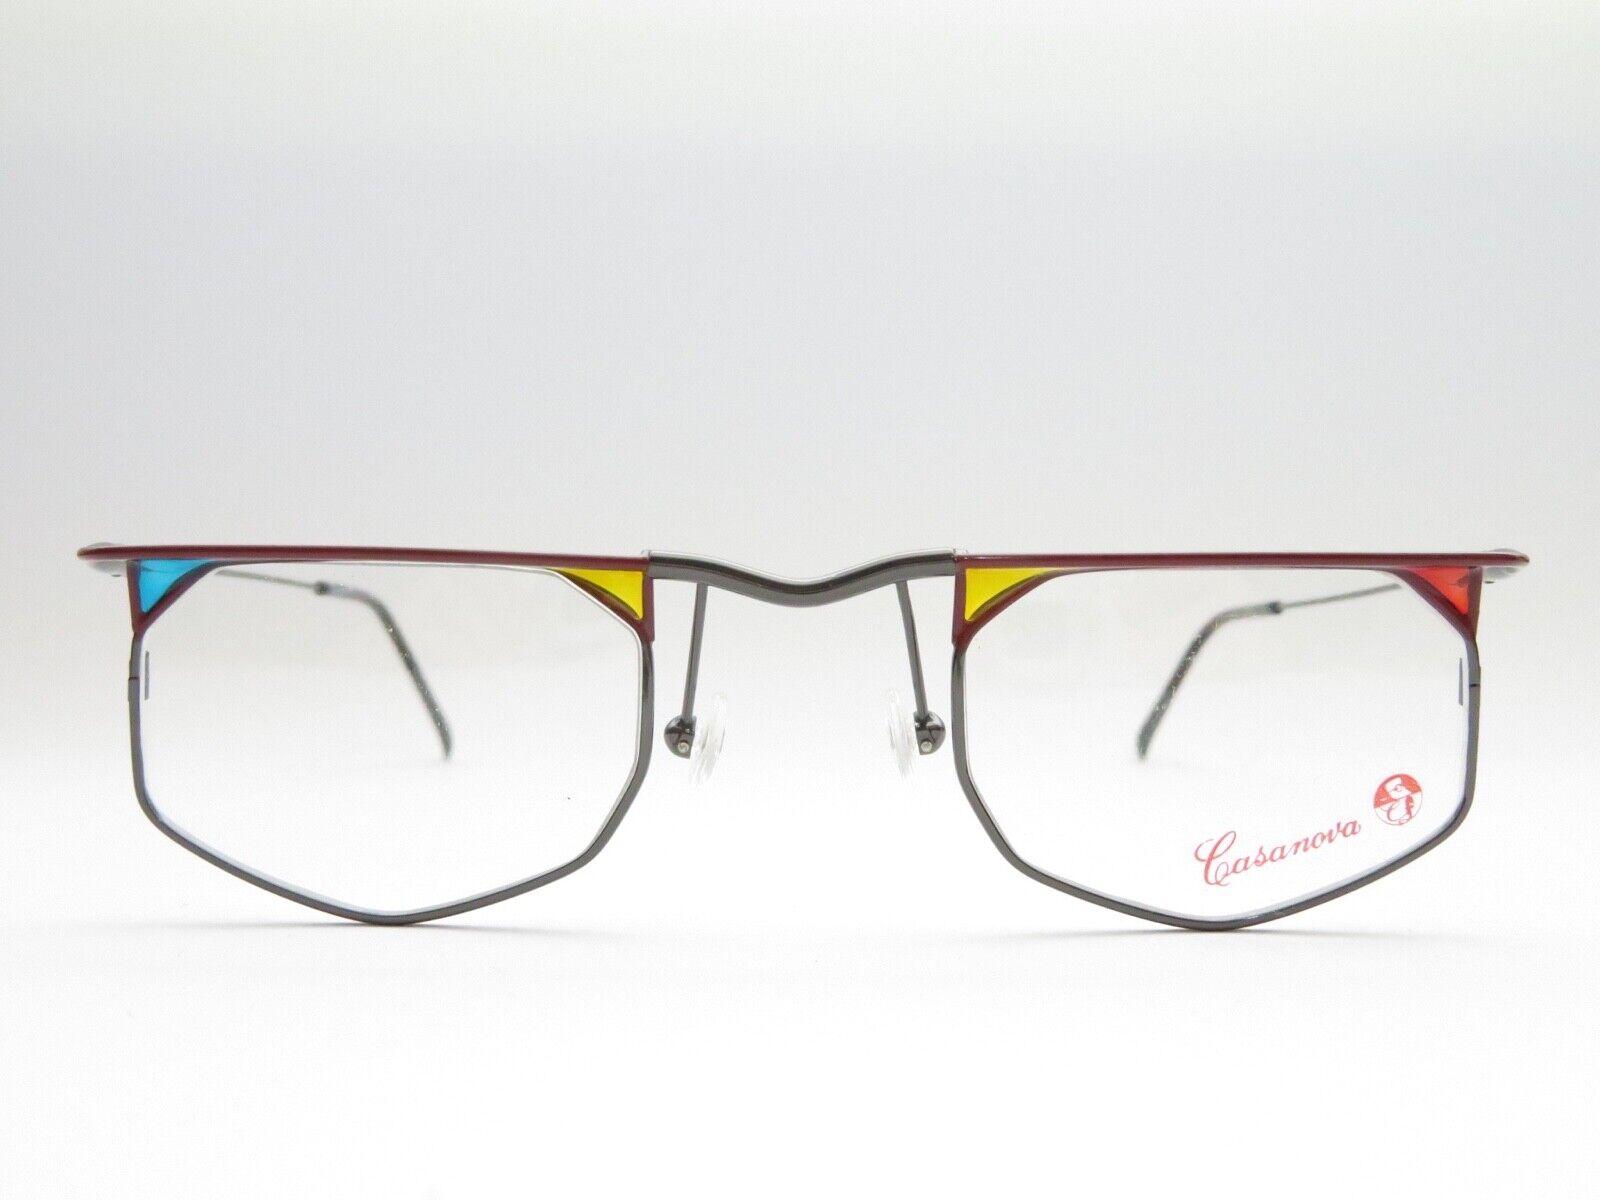 CASANOVA LC 47 Ausgefallene Brille 44□26 140 Unisex Brillenfassung Accessoire